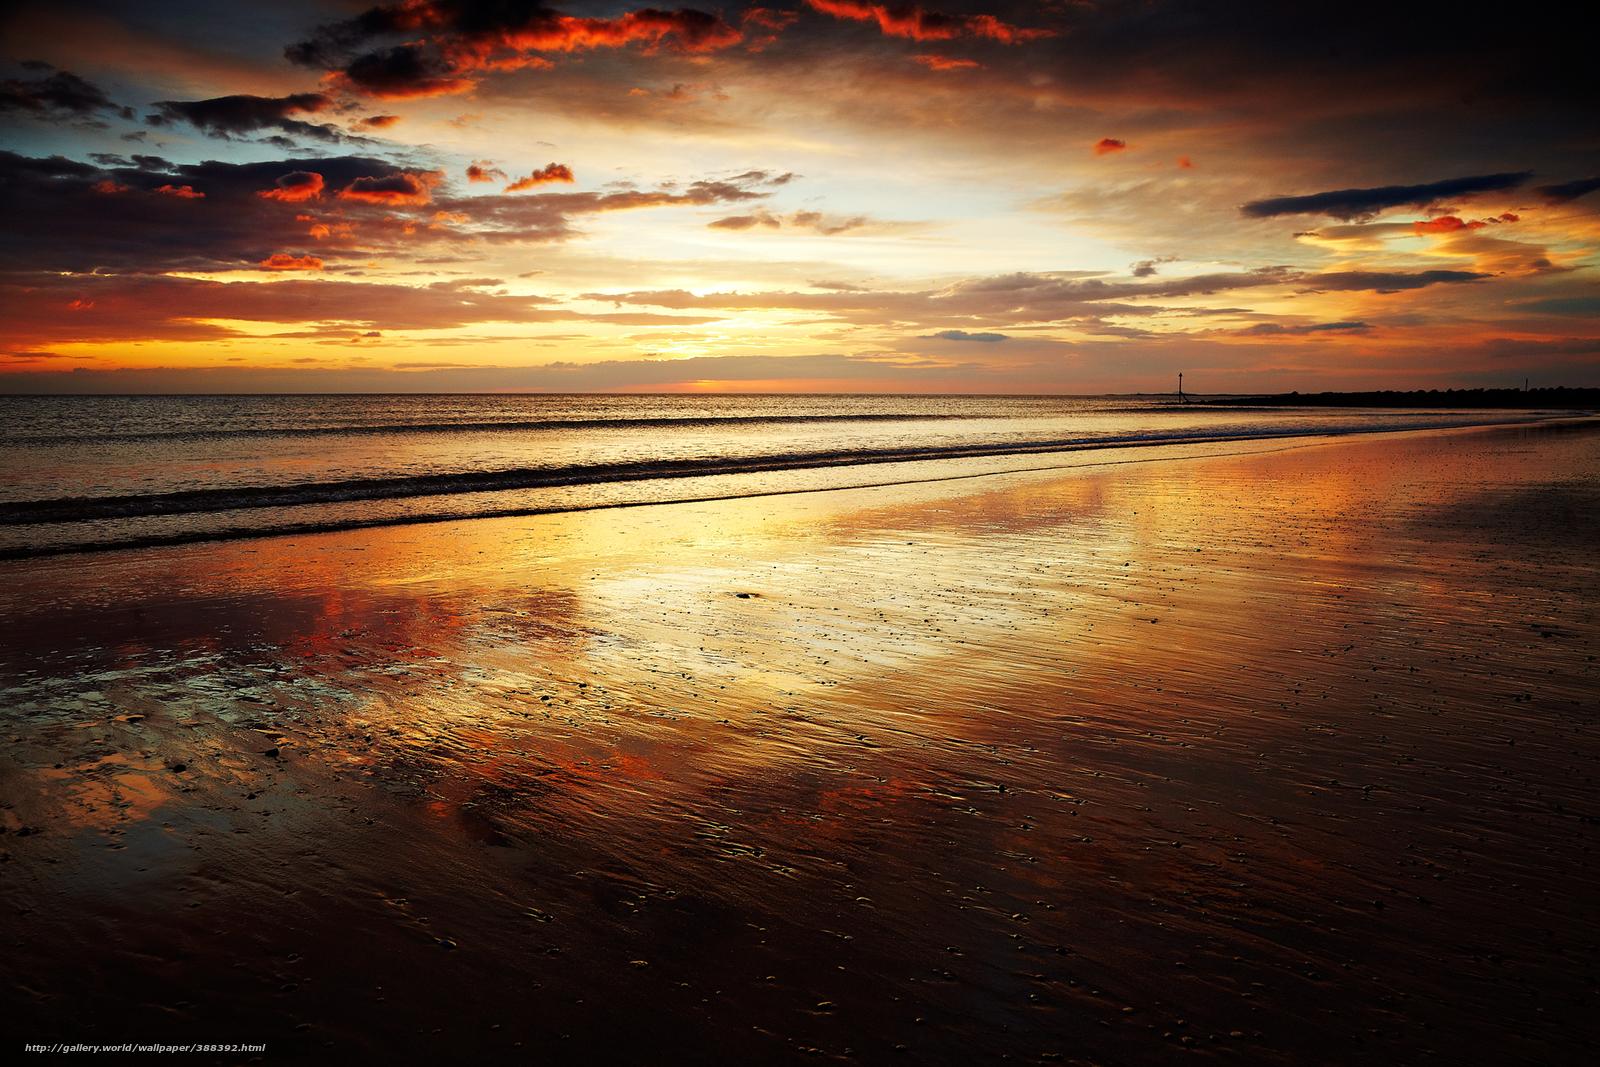 Asilomar State Beach  718 Photos amp 175 Reviews  Parks